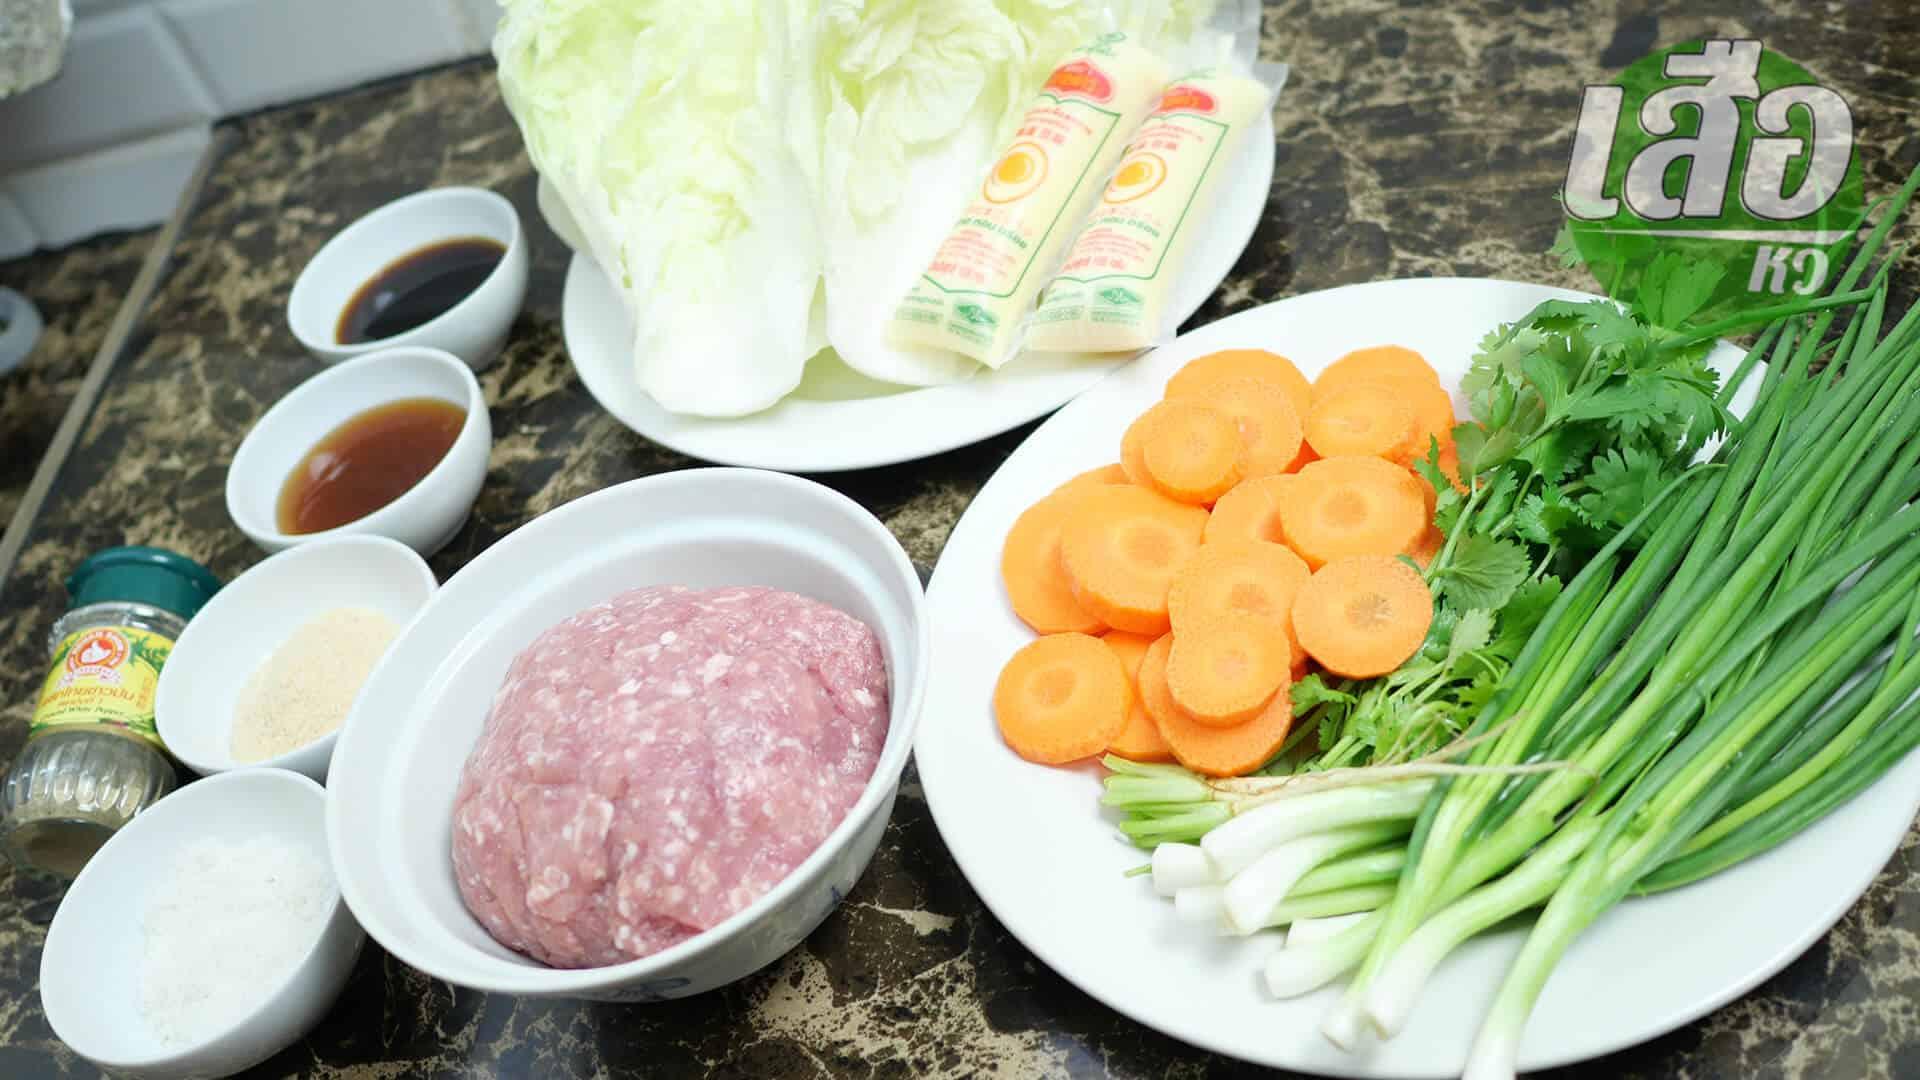 ต้มจืดผักกาดขาวห่อหมูสับ ส่วนผสม